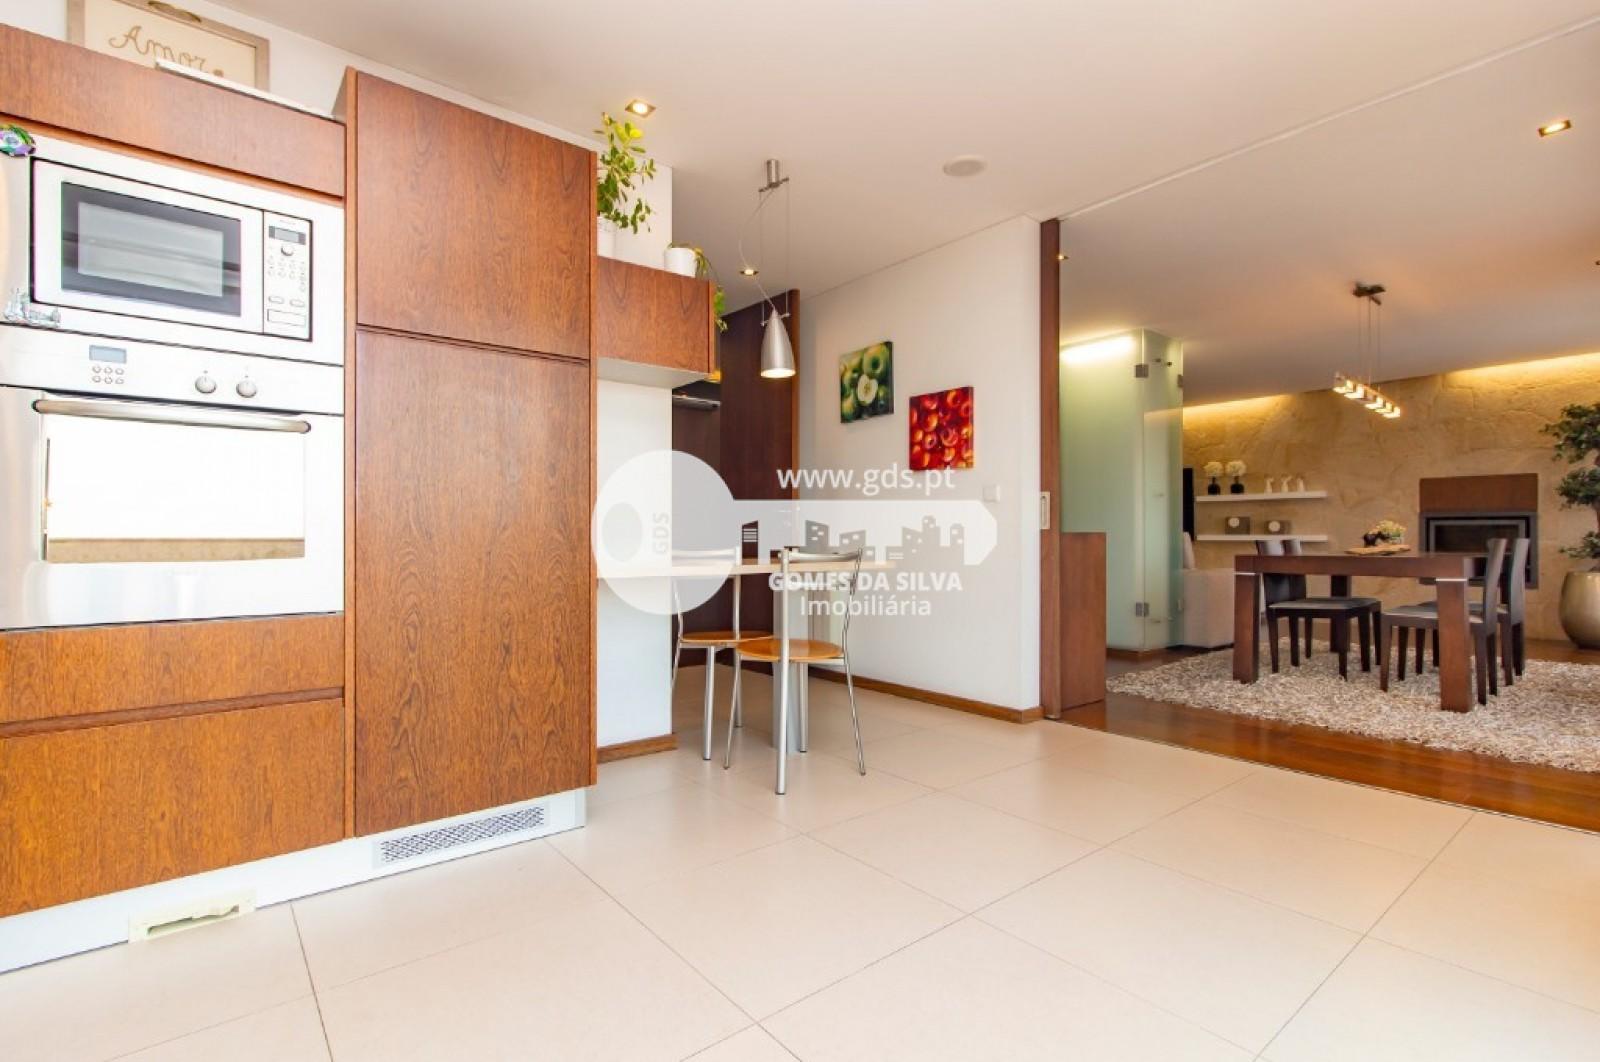 Apartamento T3 para Venda em Nogueira, Fraião e Lamaçães, Braga, Braga - Imagem 24